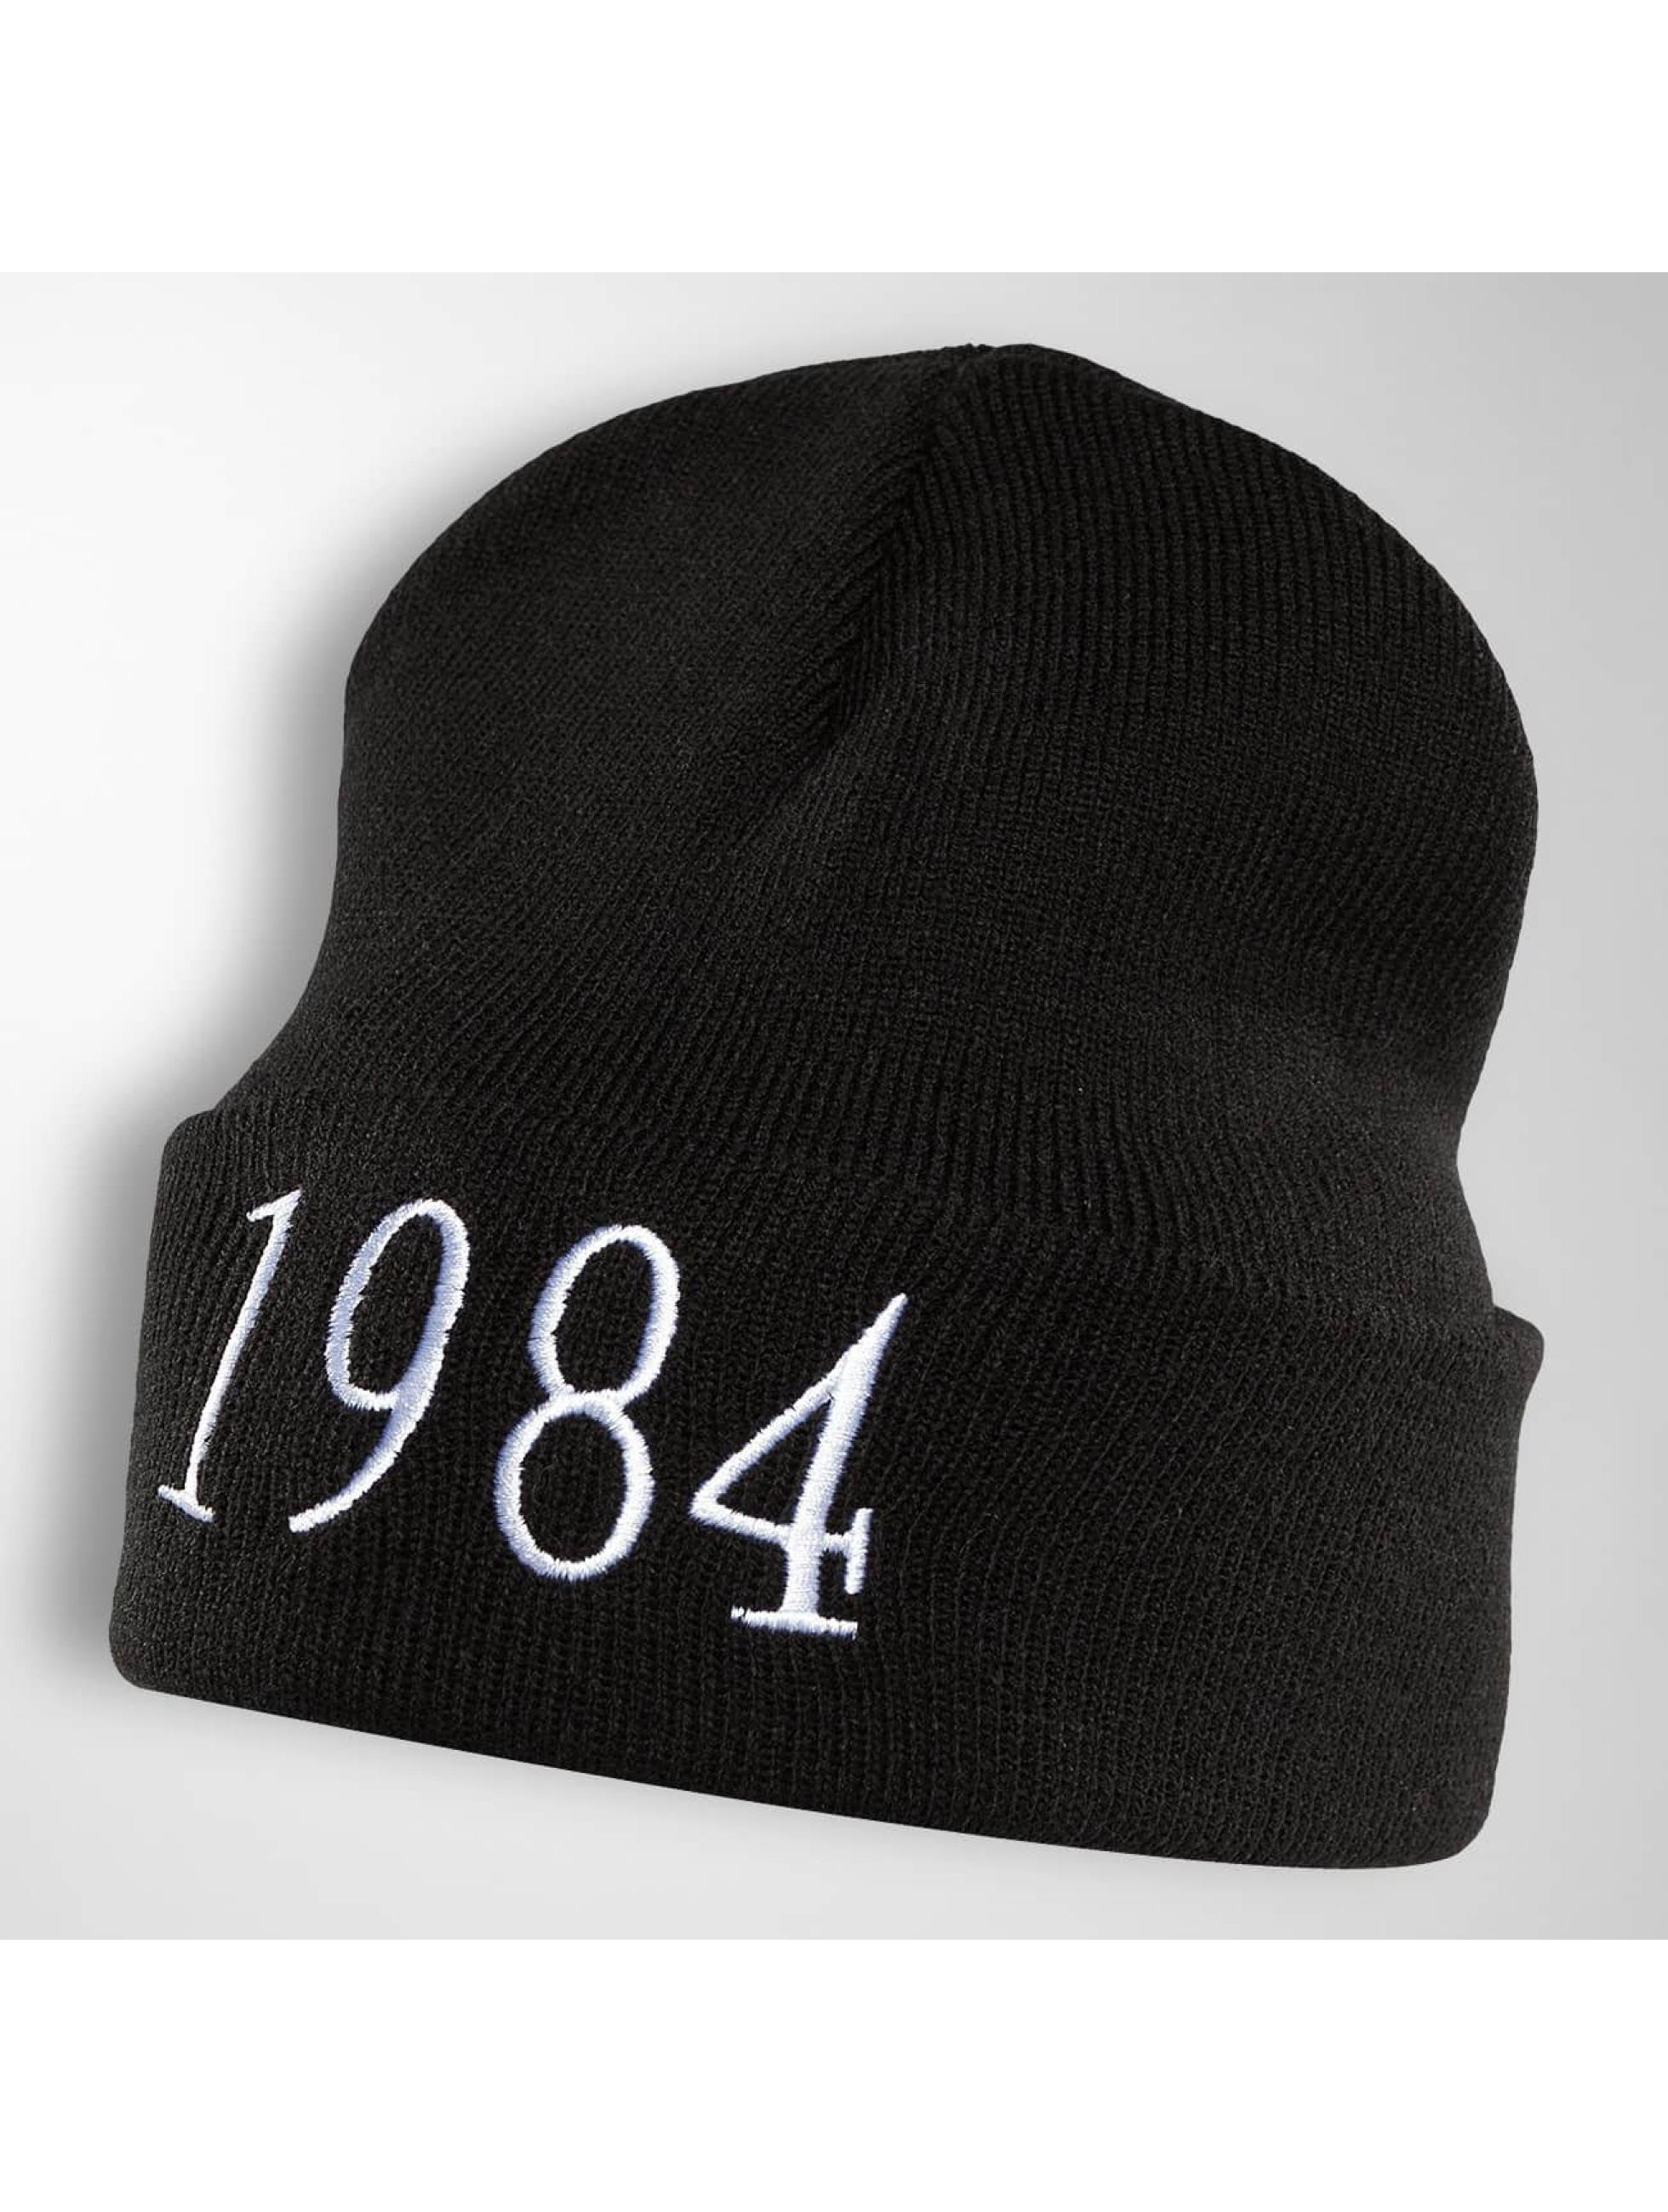 TrueSpin Hat-1 1984 black